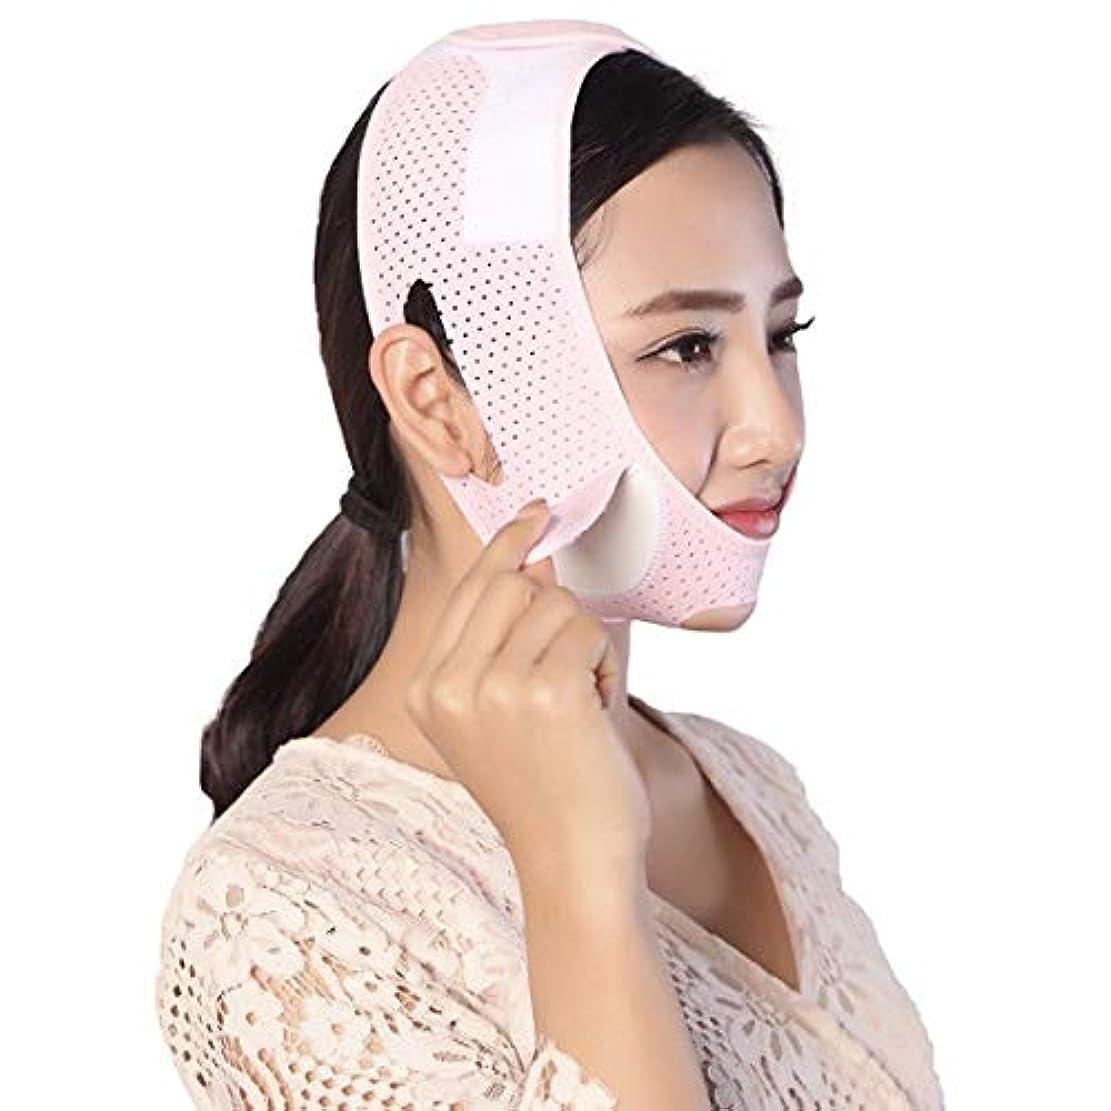 ラケット無限空いているZWBD フェイスマスク, フェイスリフティングベルトリフティングVフェイスライン包帯フェイシャル引き締め二重あごの法則睡眠マスク通気性